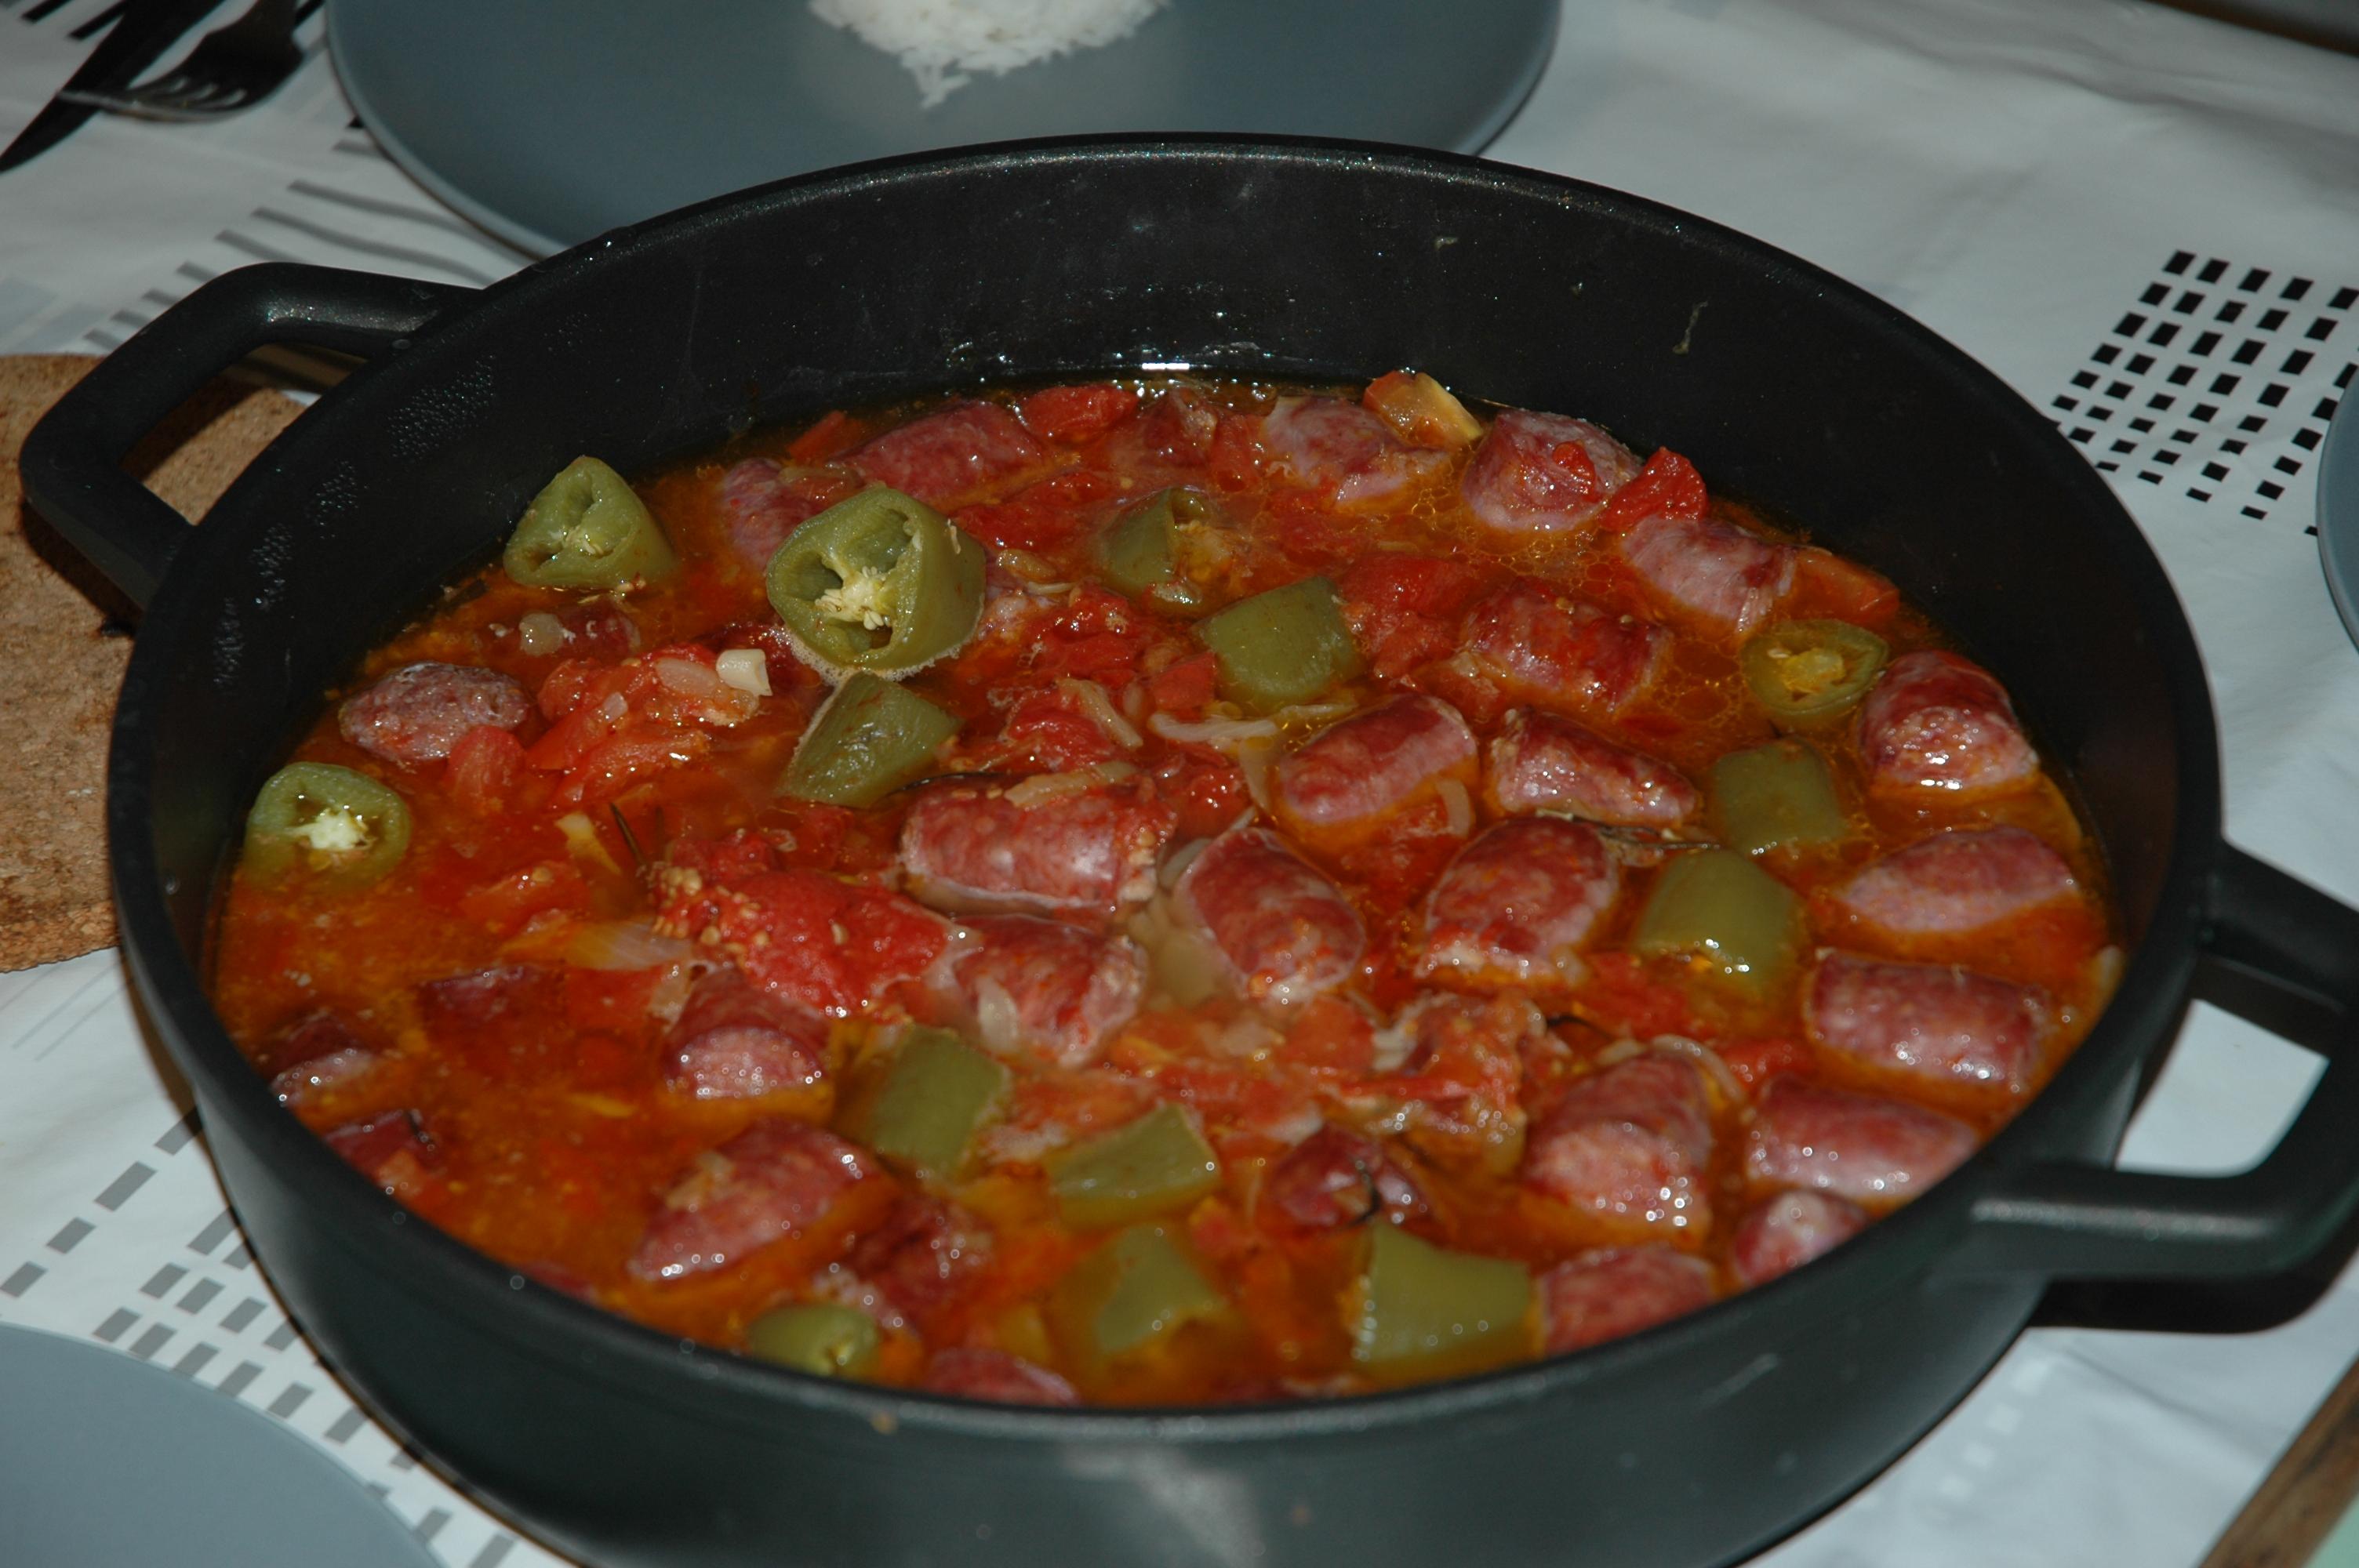 Recette malgache archives le blog d 39 aubrege - Cuisiner des saucisses fumees ...